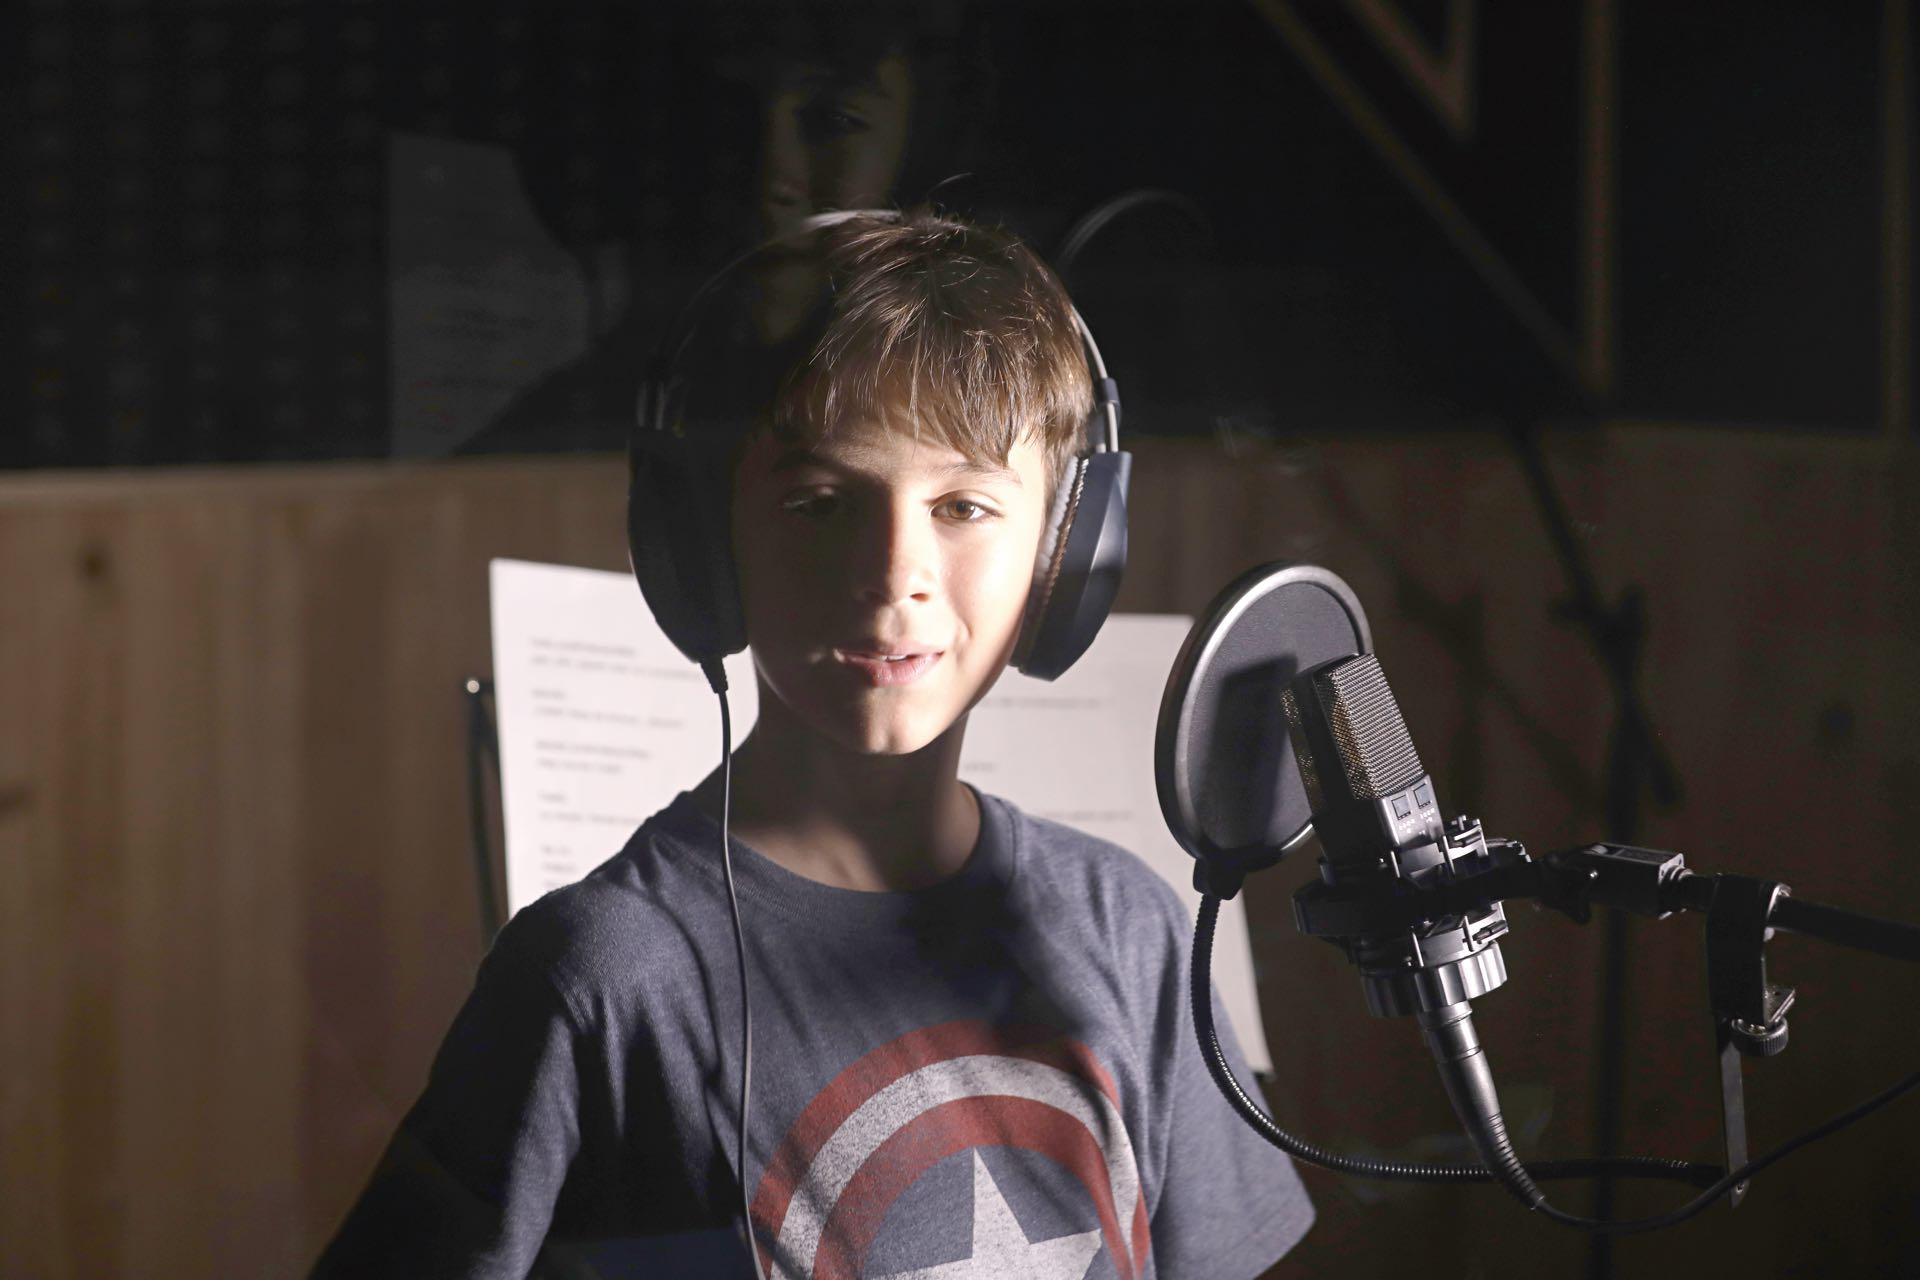 Federico -diagnosticado con Asperger- durante eldoblaje de la serie de Nat Geo